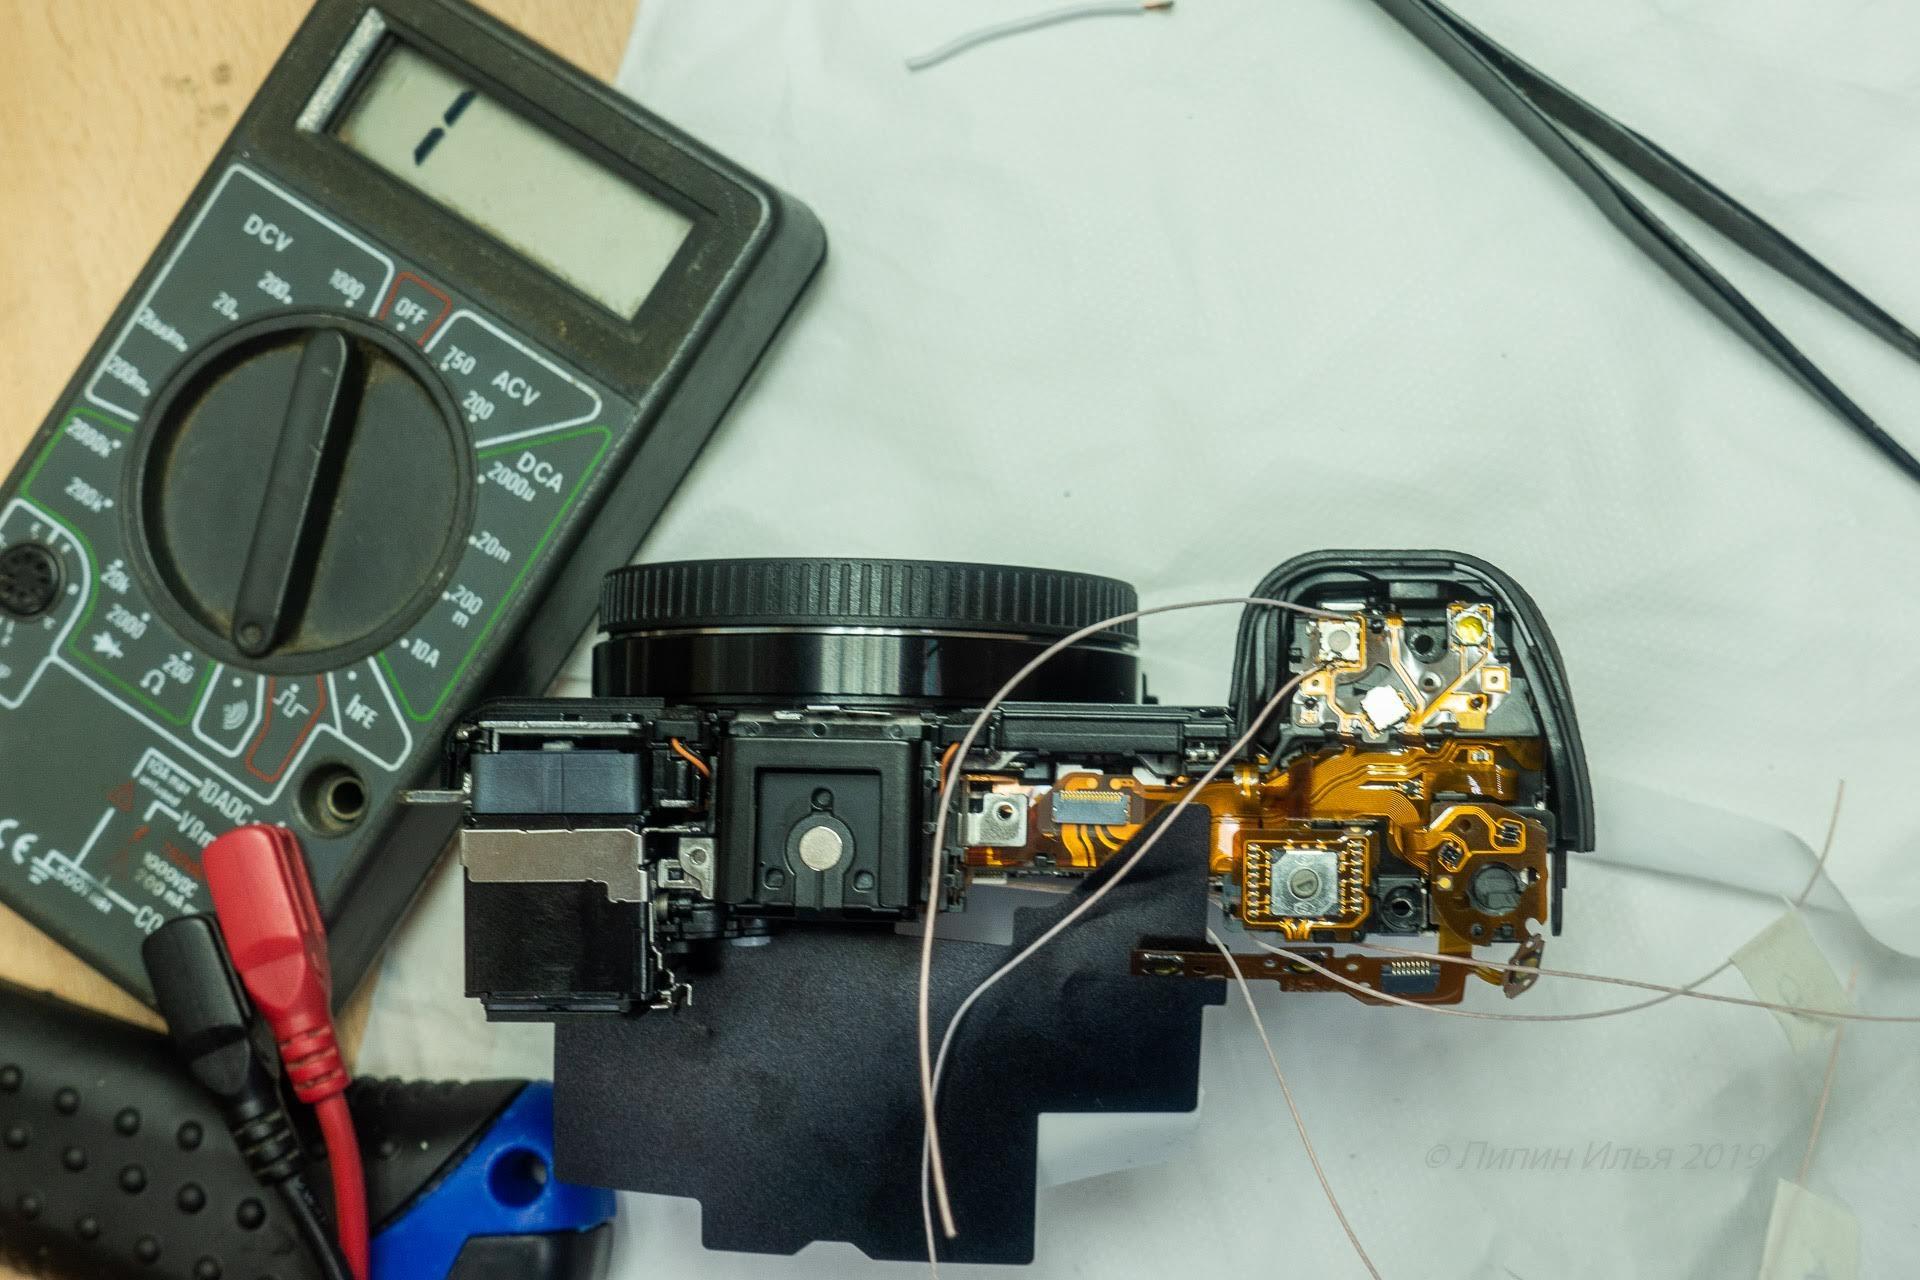 Верхние провода впаиваются в кнопку спуска/фокуса аналогично. И сразу же-проверка.